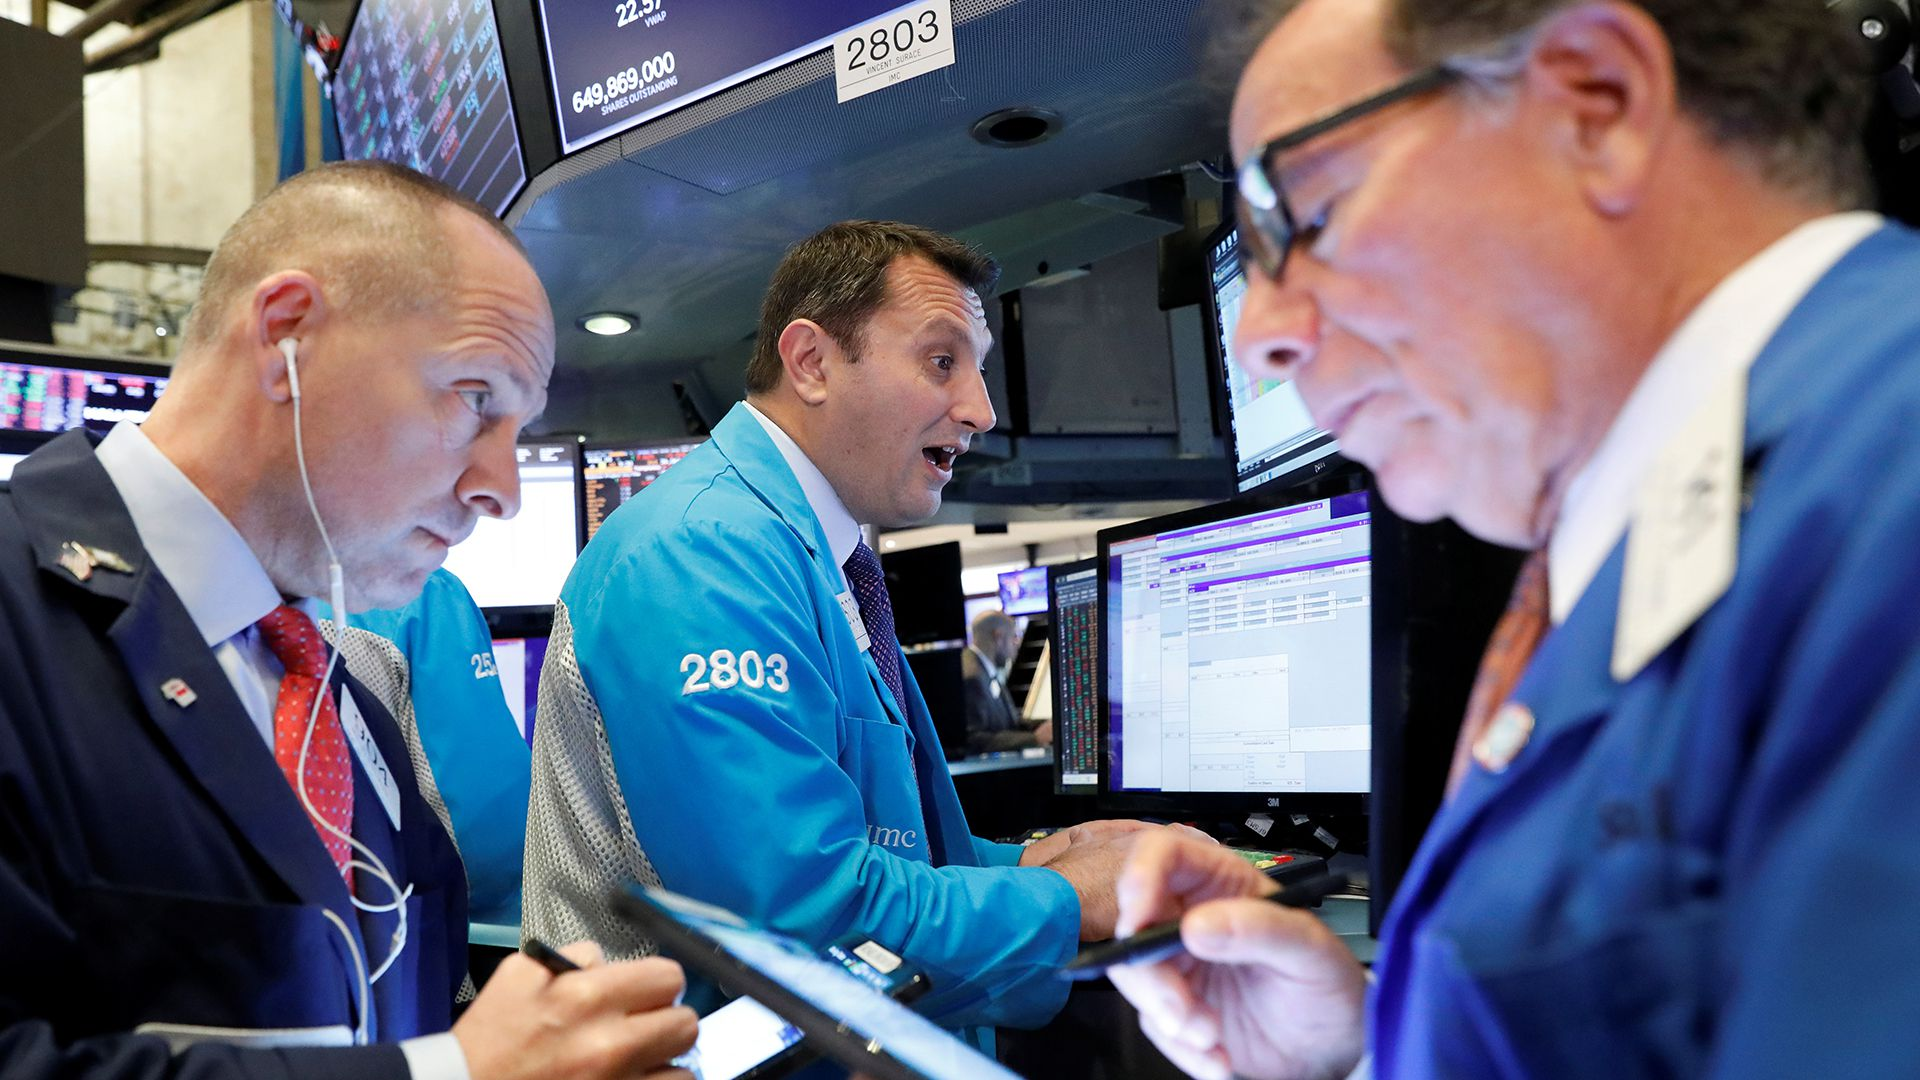 Reportes optimistas respecto a avances en la negociación comercial entre China y los Estados Unidos interrumpieron las bajas en Wall Street.